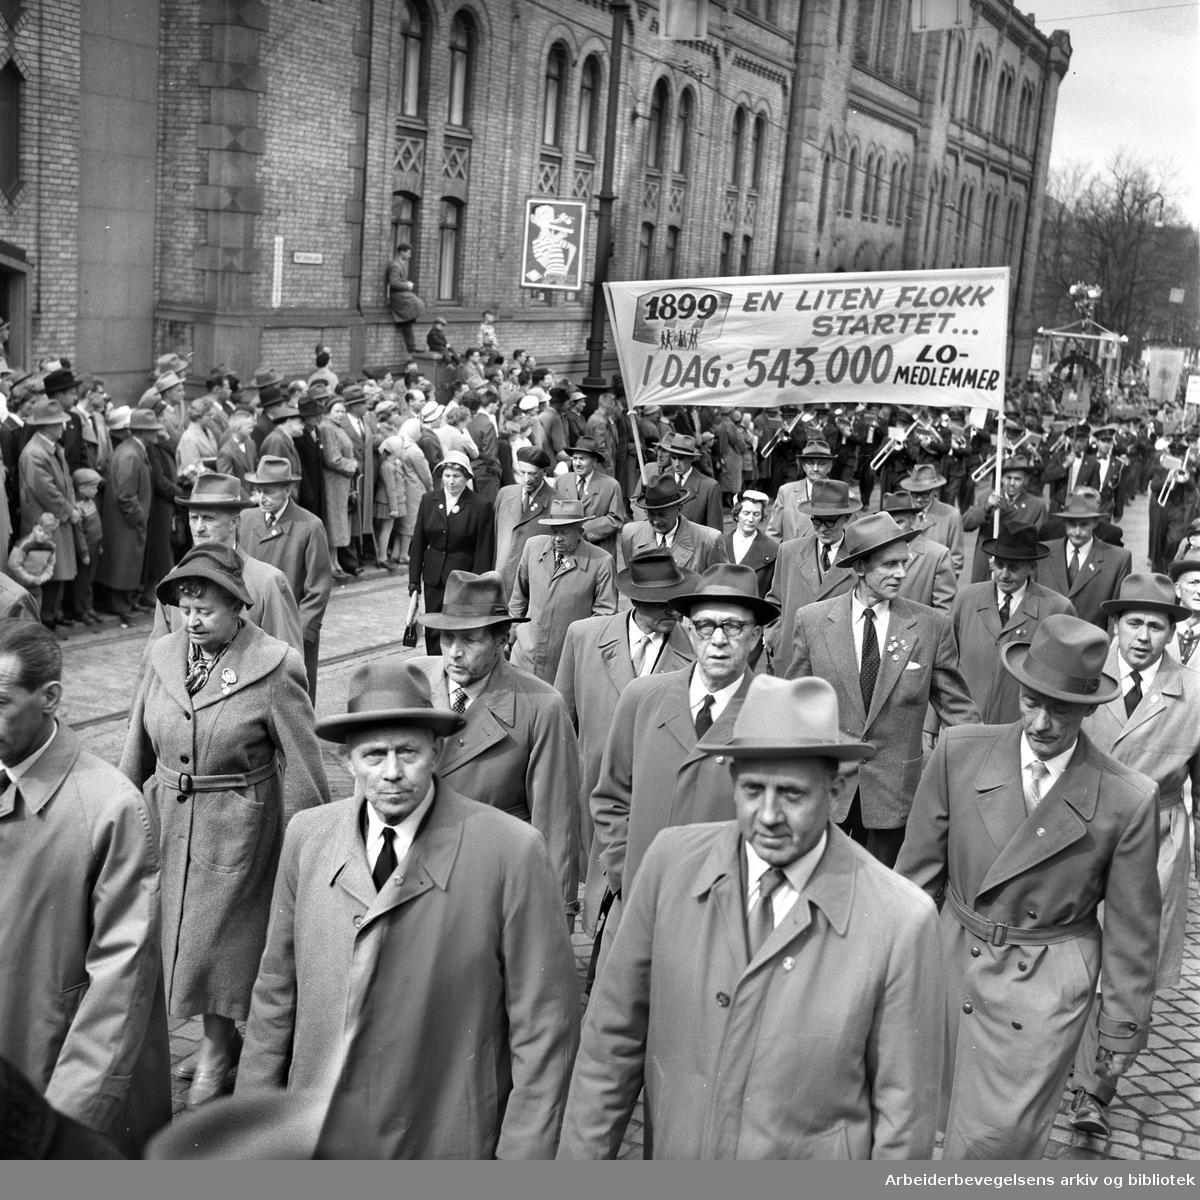 1. mai 1959 i Oslo.Karl Johans gate..Demonstrasjonstoget..Parole: 1899 en liten flokk....i dag 543.000 LO-medlemmer....